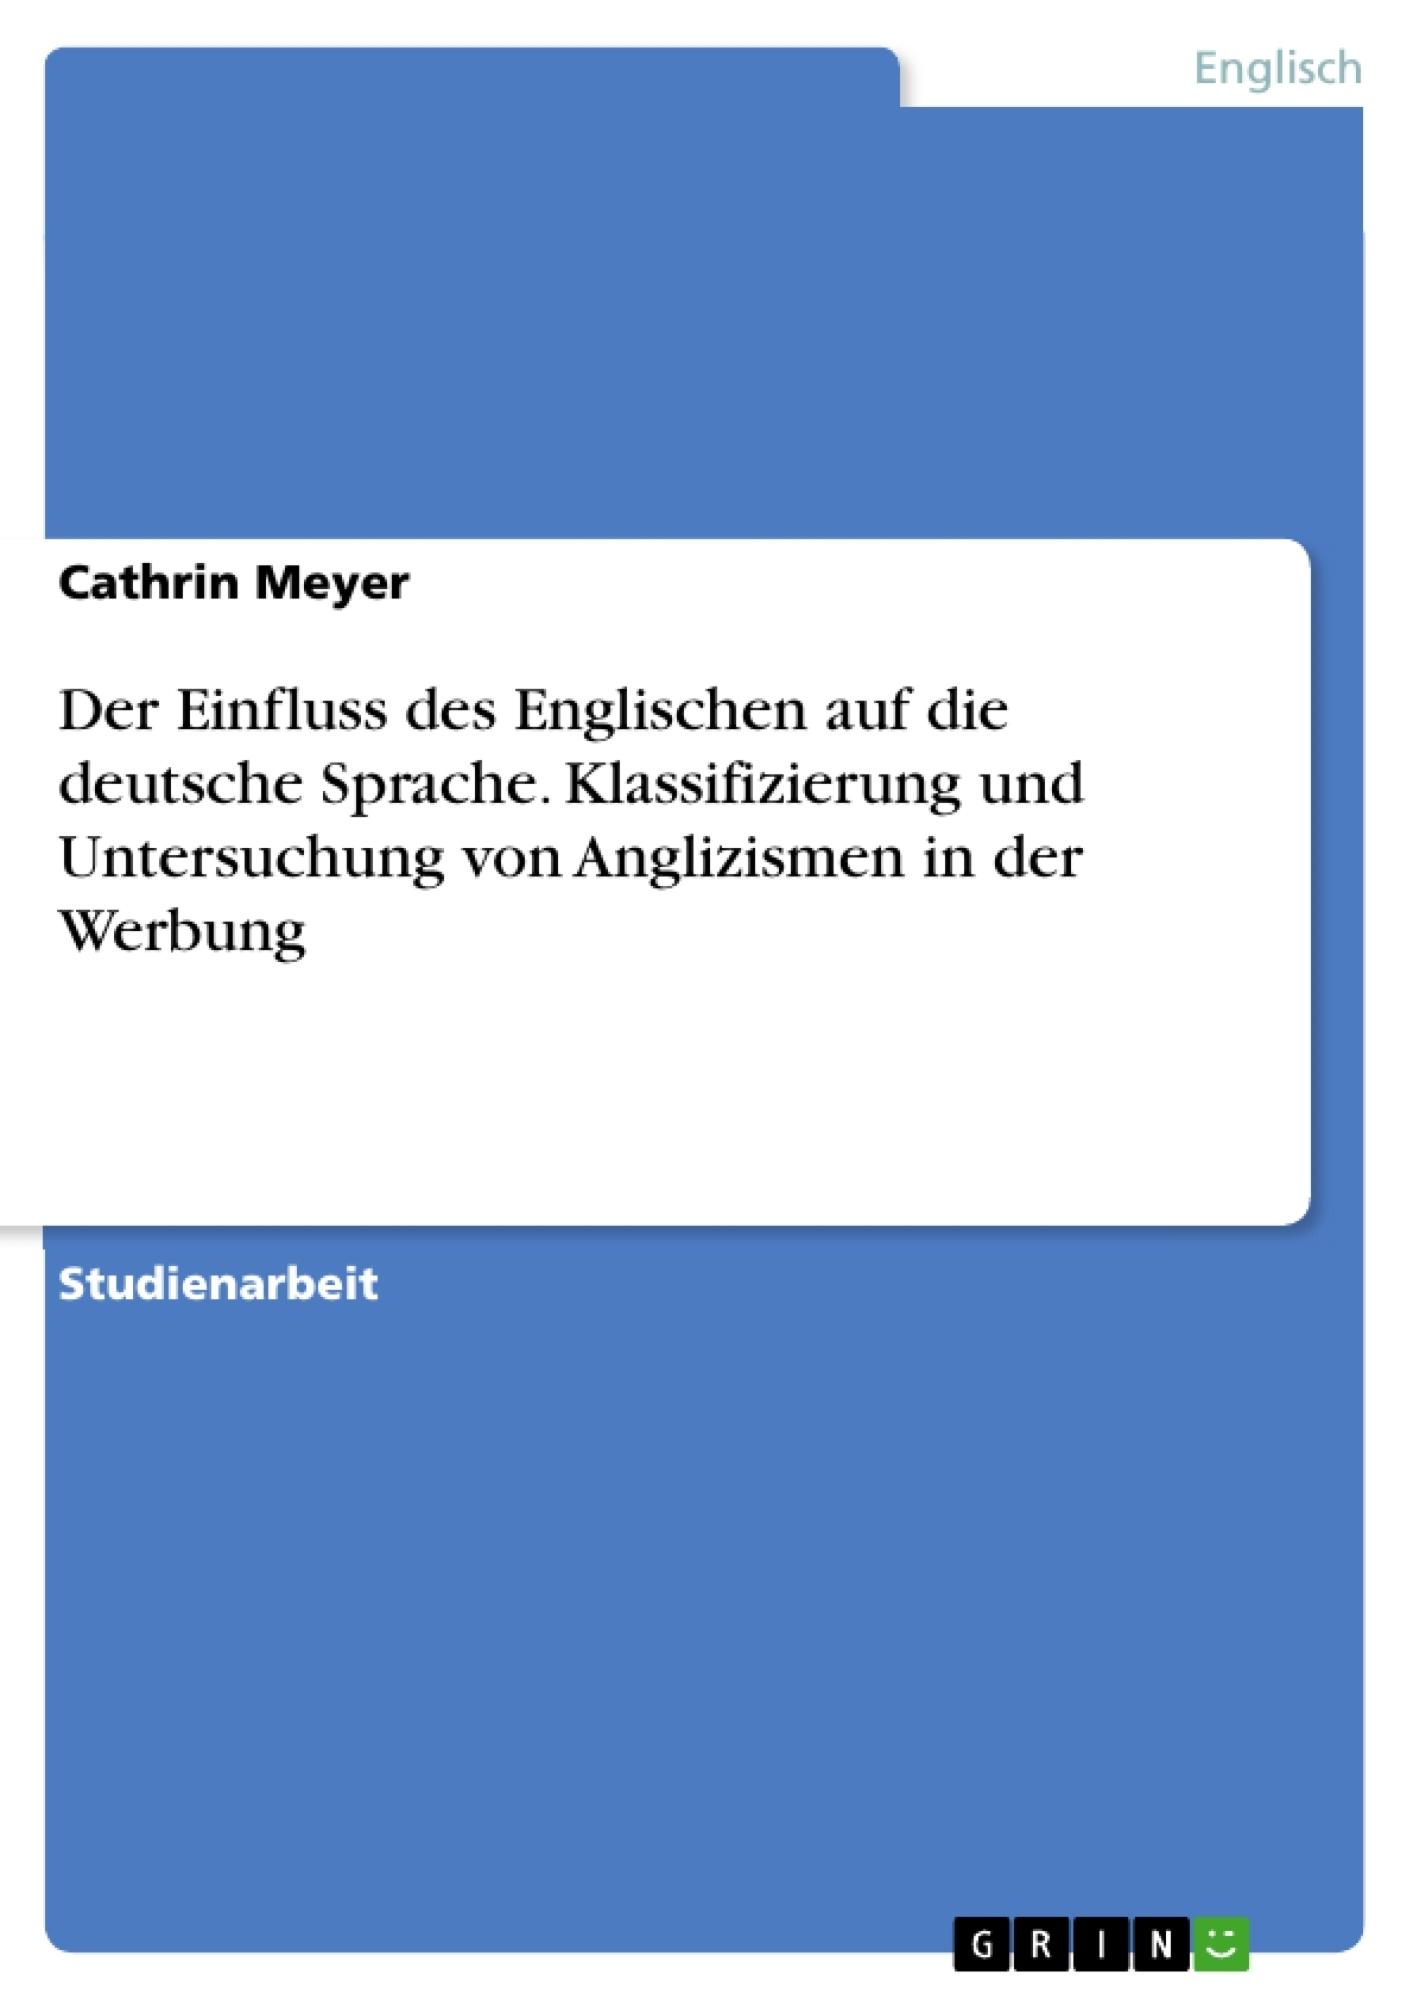 Titel: Der Einfluss des Englischen auf die deutsche Sprache. Klassifizierung und Untersuchung von Anglizismen in der Werbung